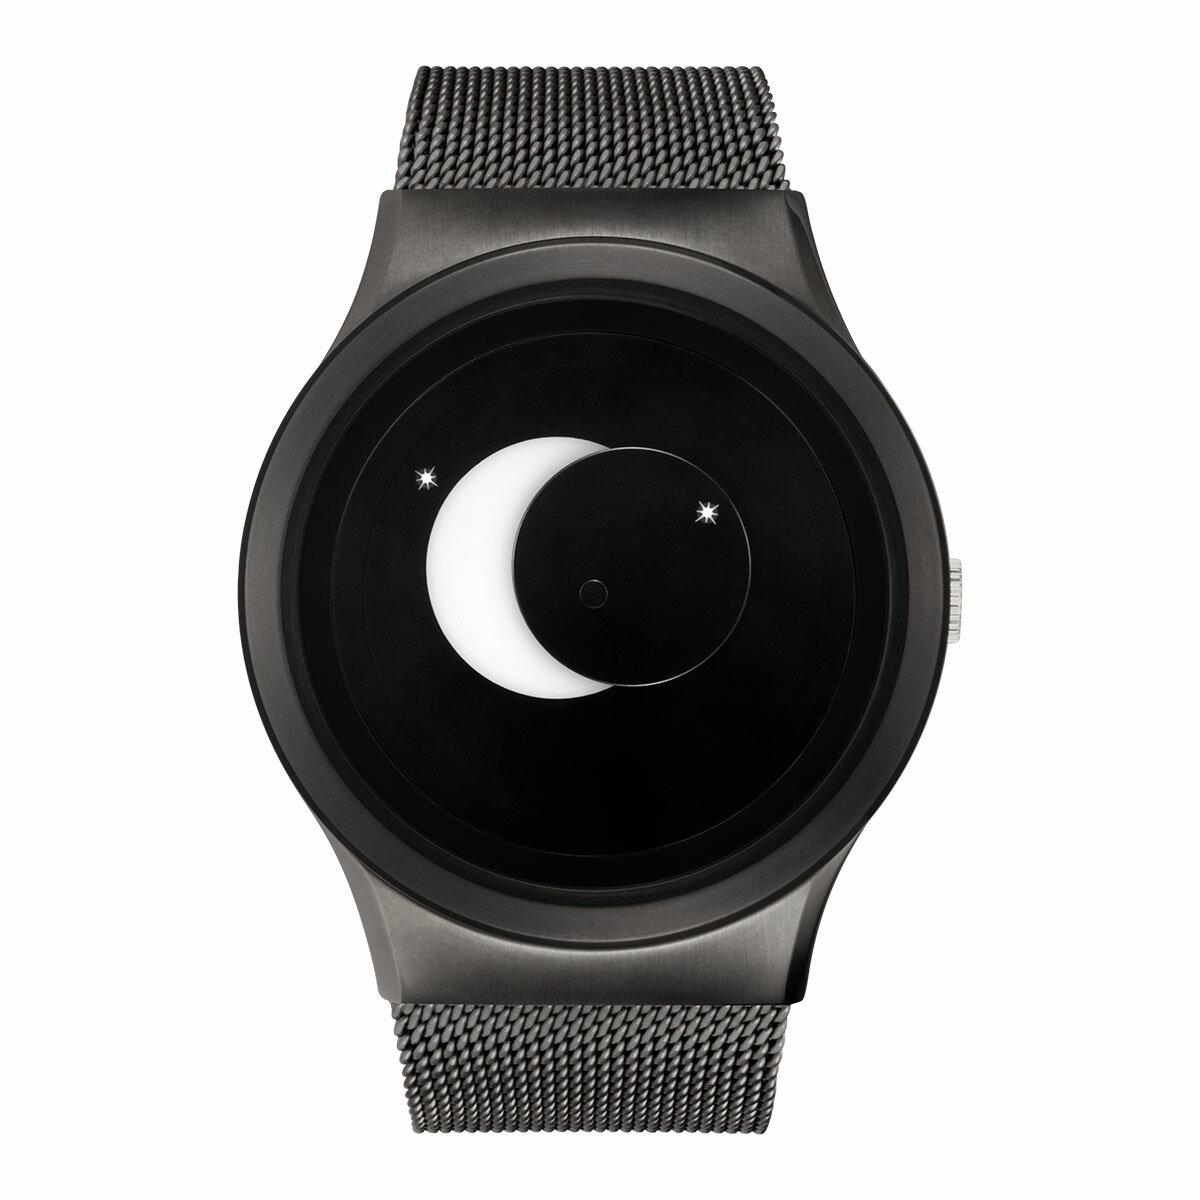 ZEROO SUPER MOON ゼロ 電池式クォーツ 腕時計 [W02007B02SM02] ホワイト デザインウォッチ ペア用 メンズ レディース ユニセックス おしゃれ時計 デザイナーズ